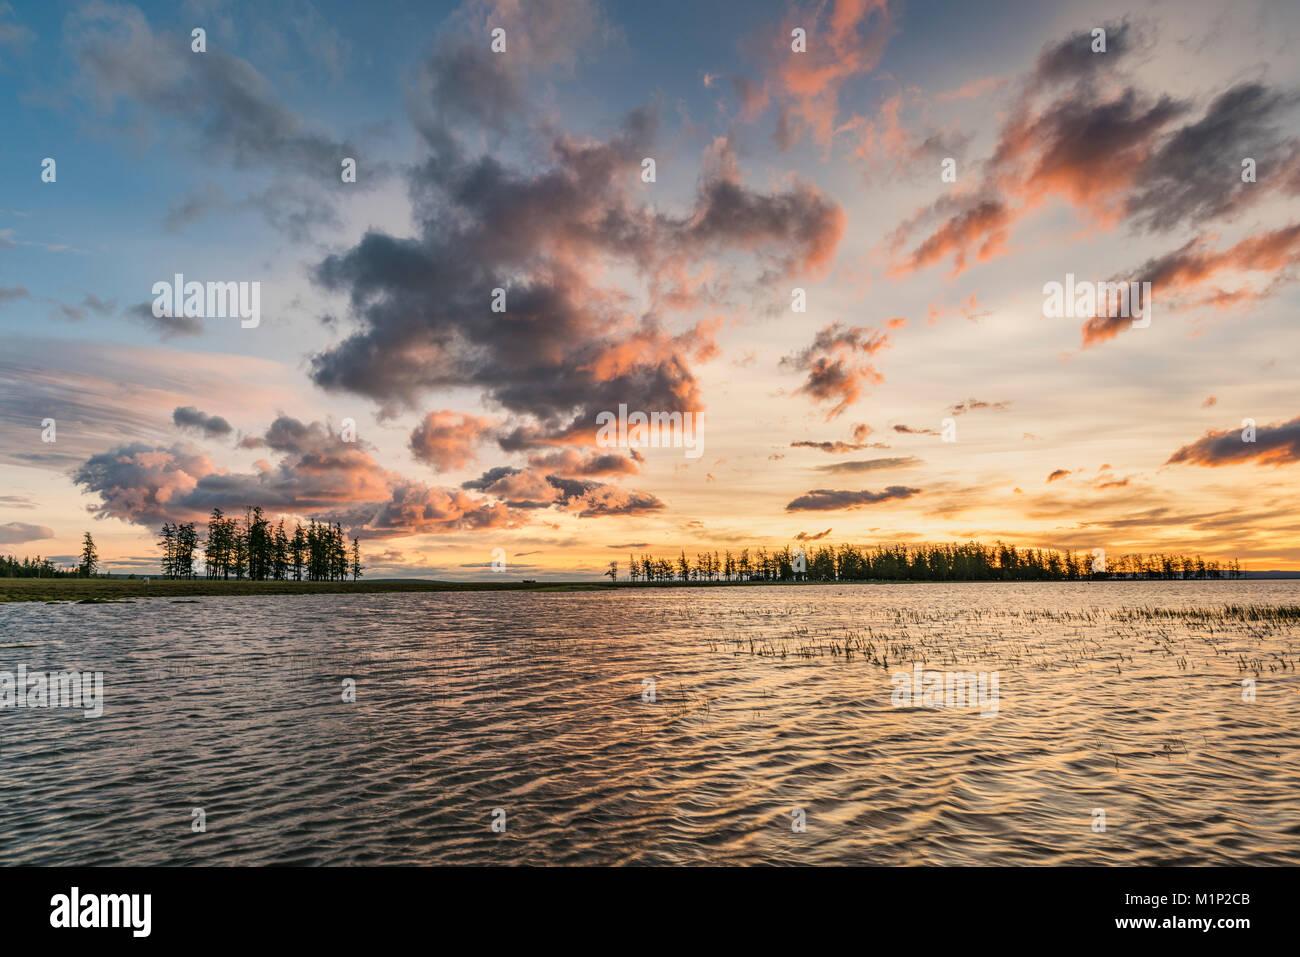 Abetos y nubes reflexionando sobre la superficie del Lago Hovsgol al atardecer, provincia Hovsgol, Mongolia, Asia Imagen De Stock